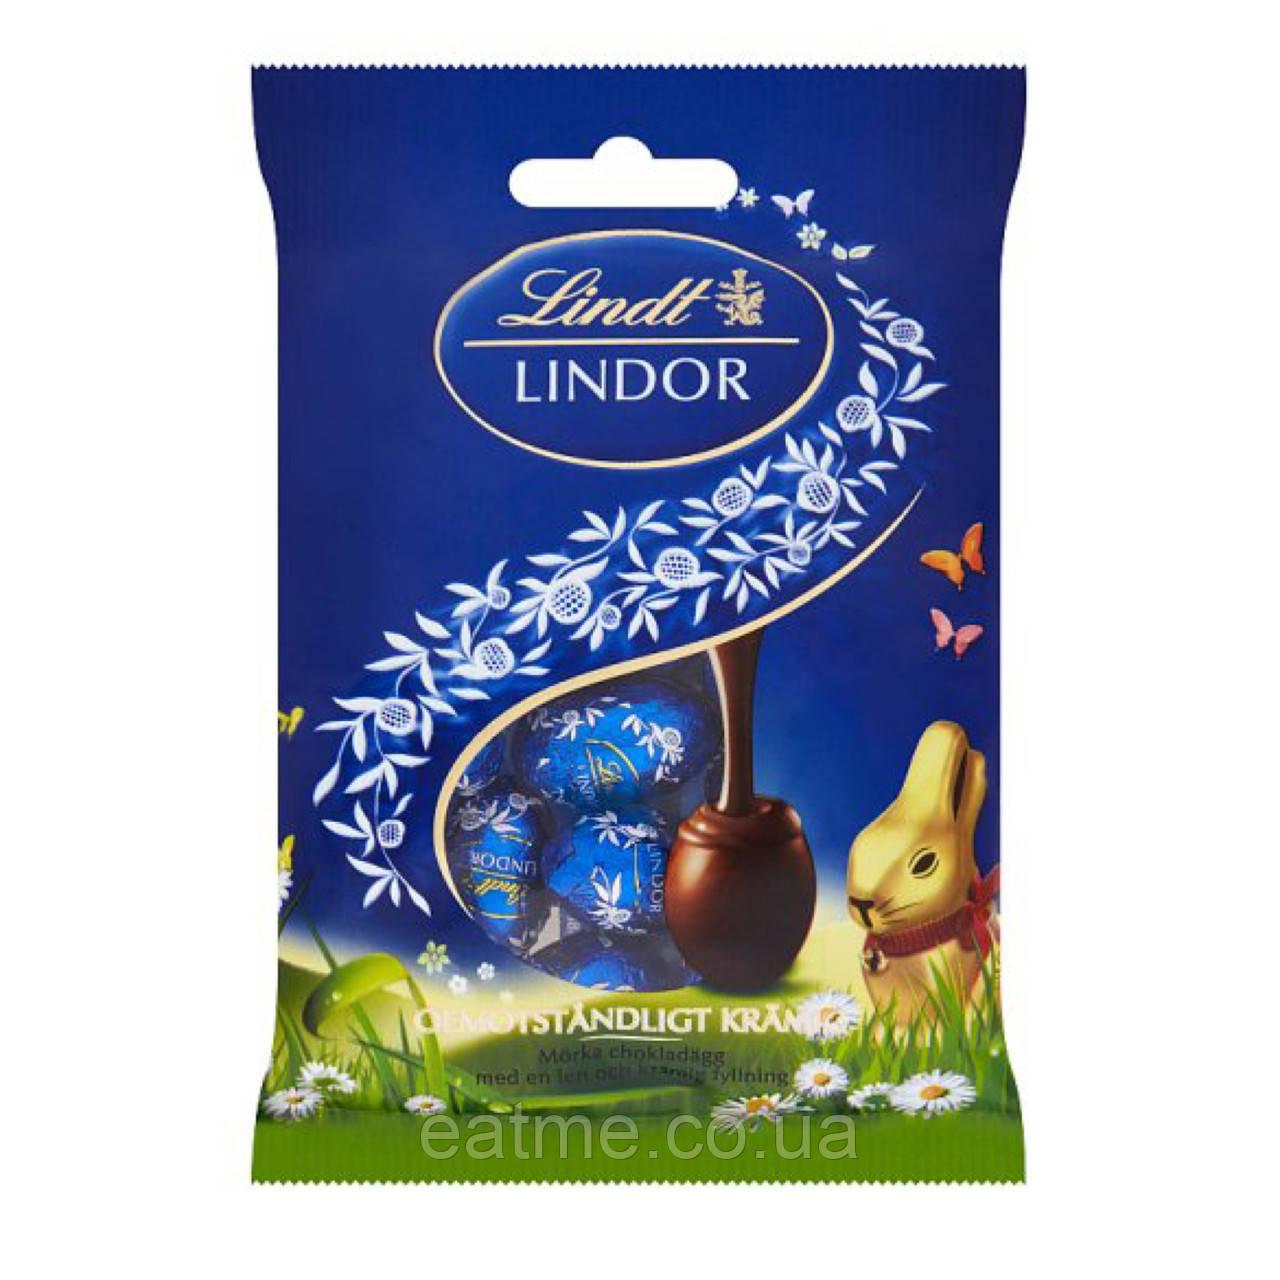 Lindt lindor Яйца из темного шоколада